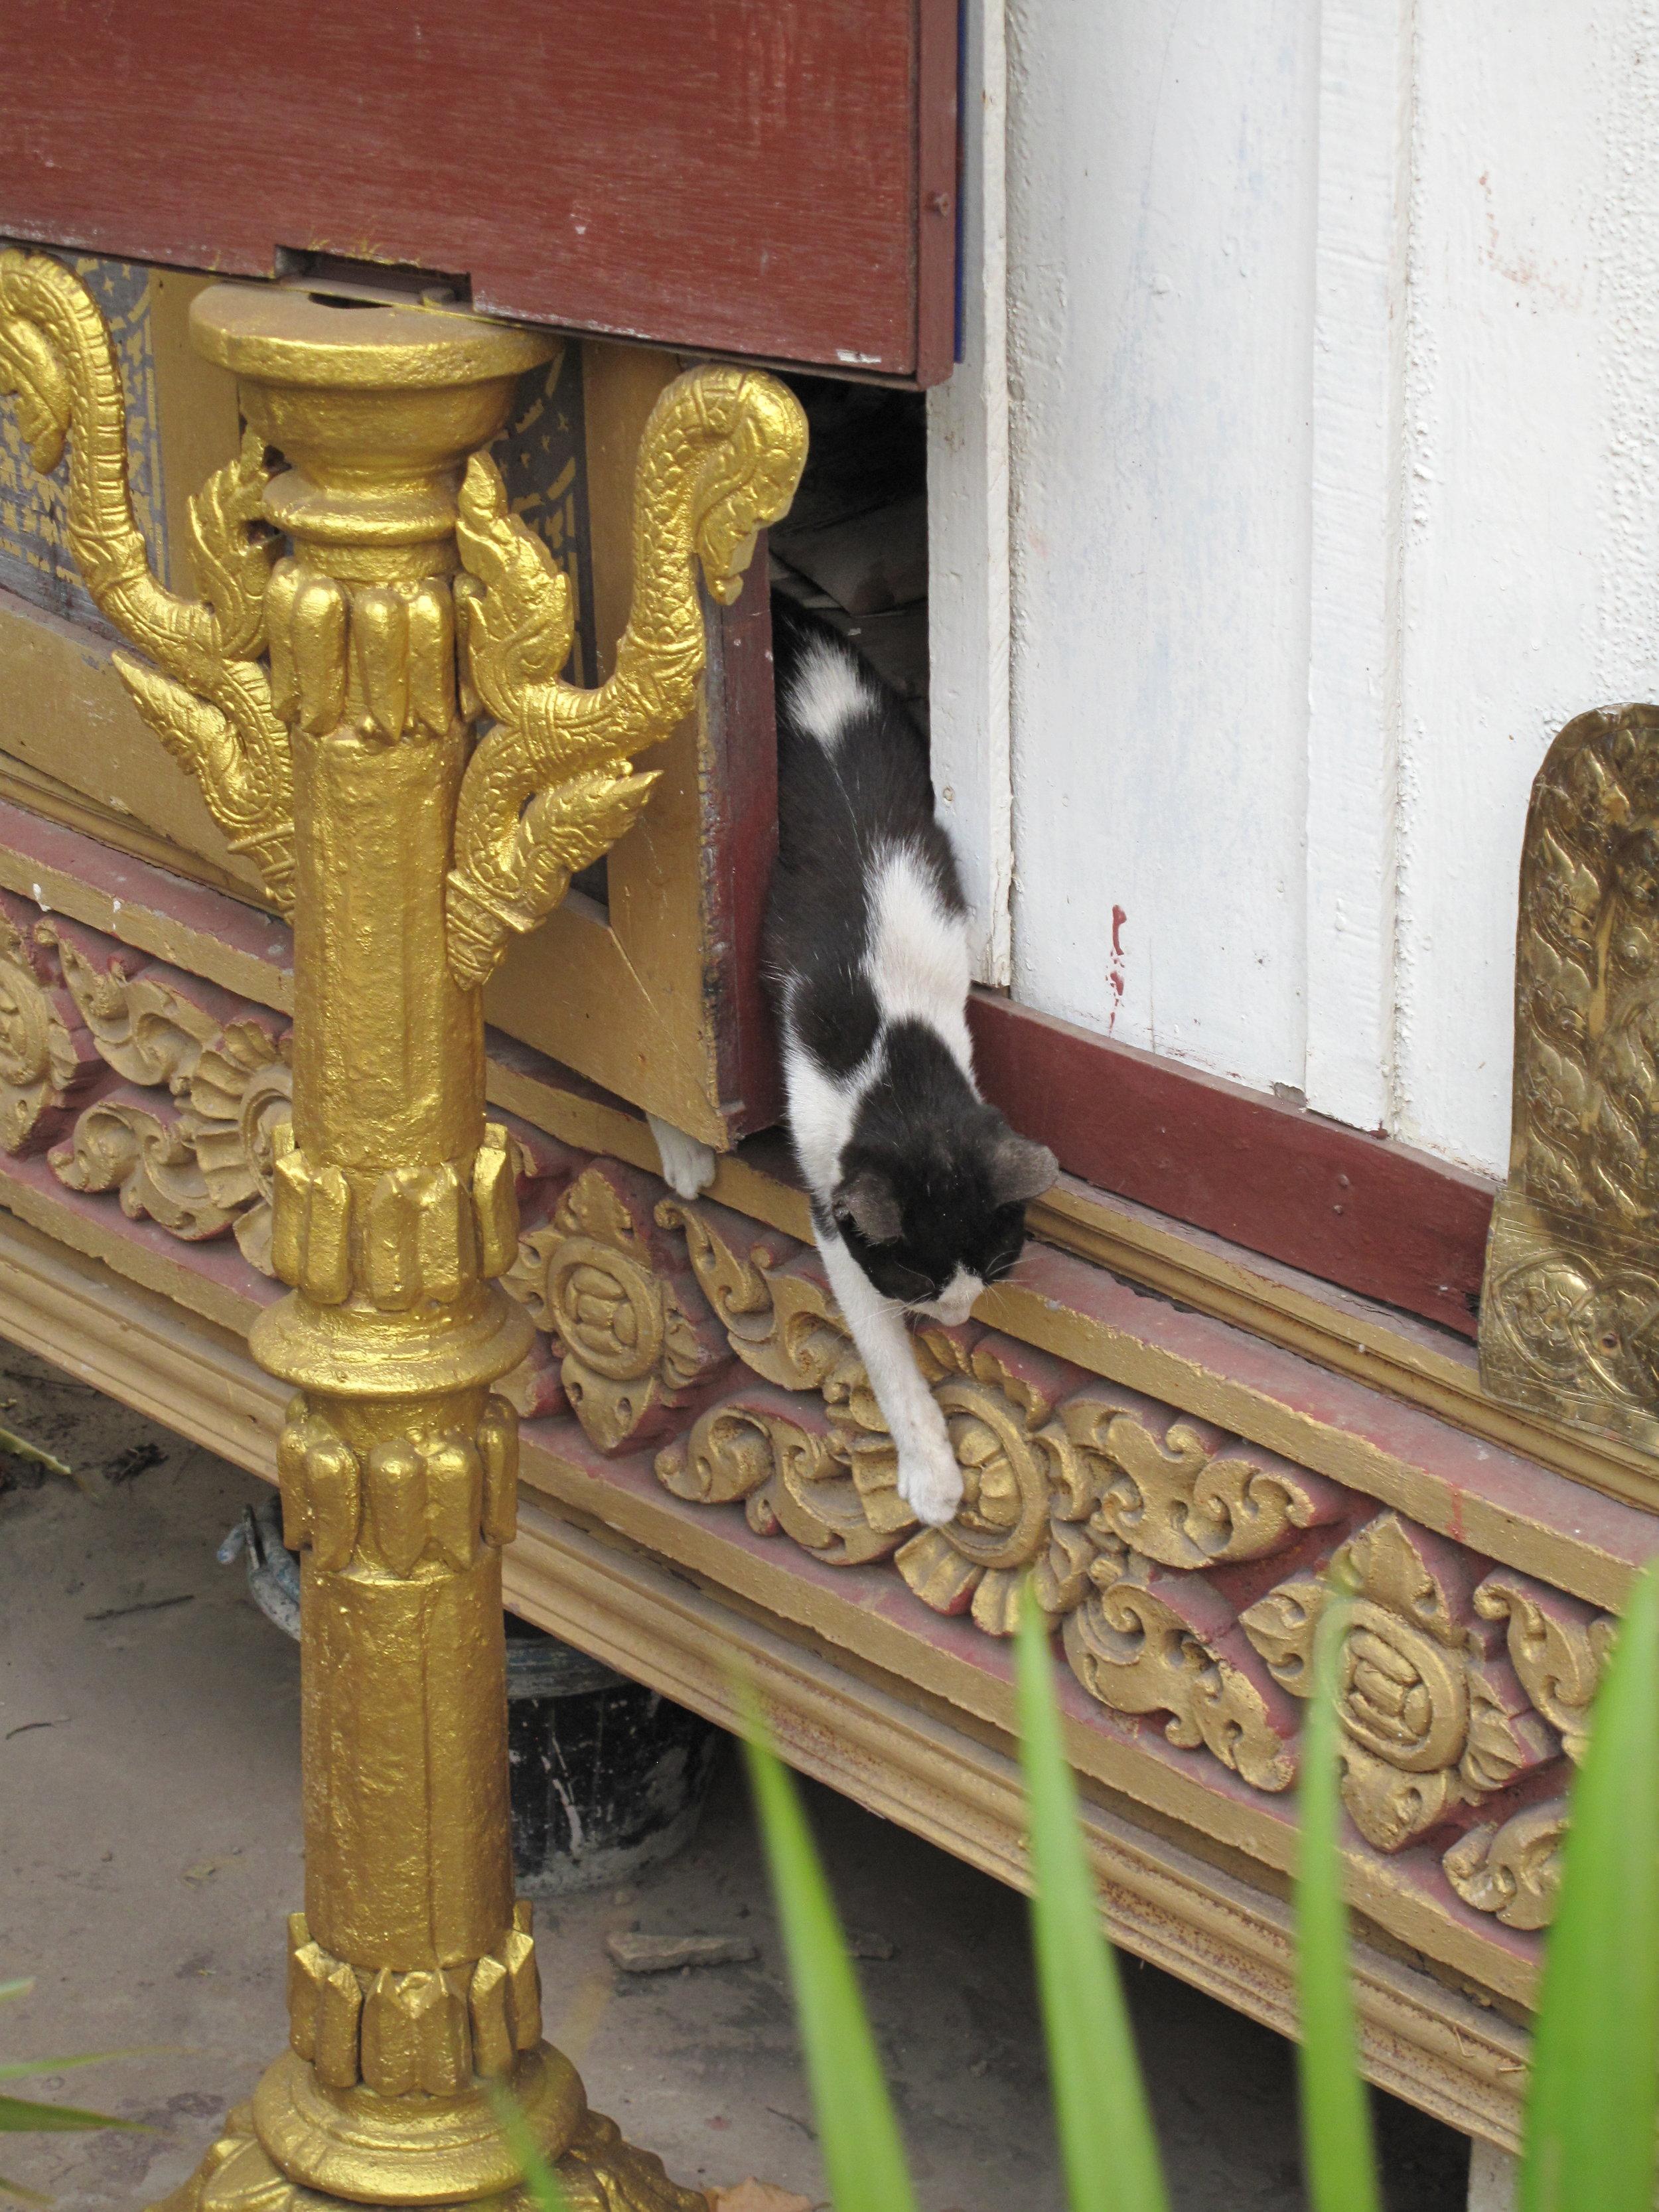 Cute stray kitty cat, Grand Palace, Phnom Penh